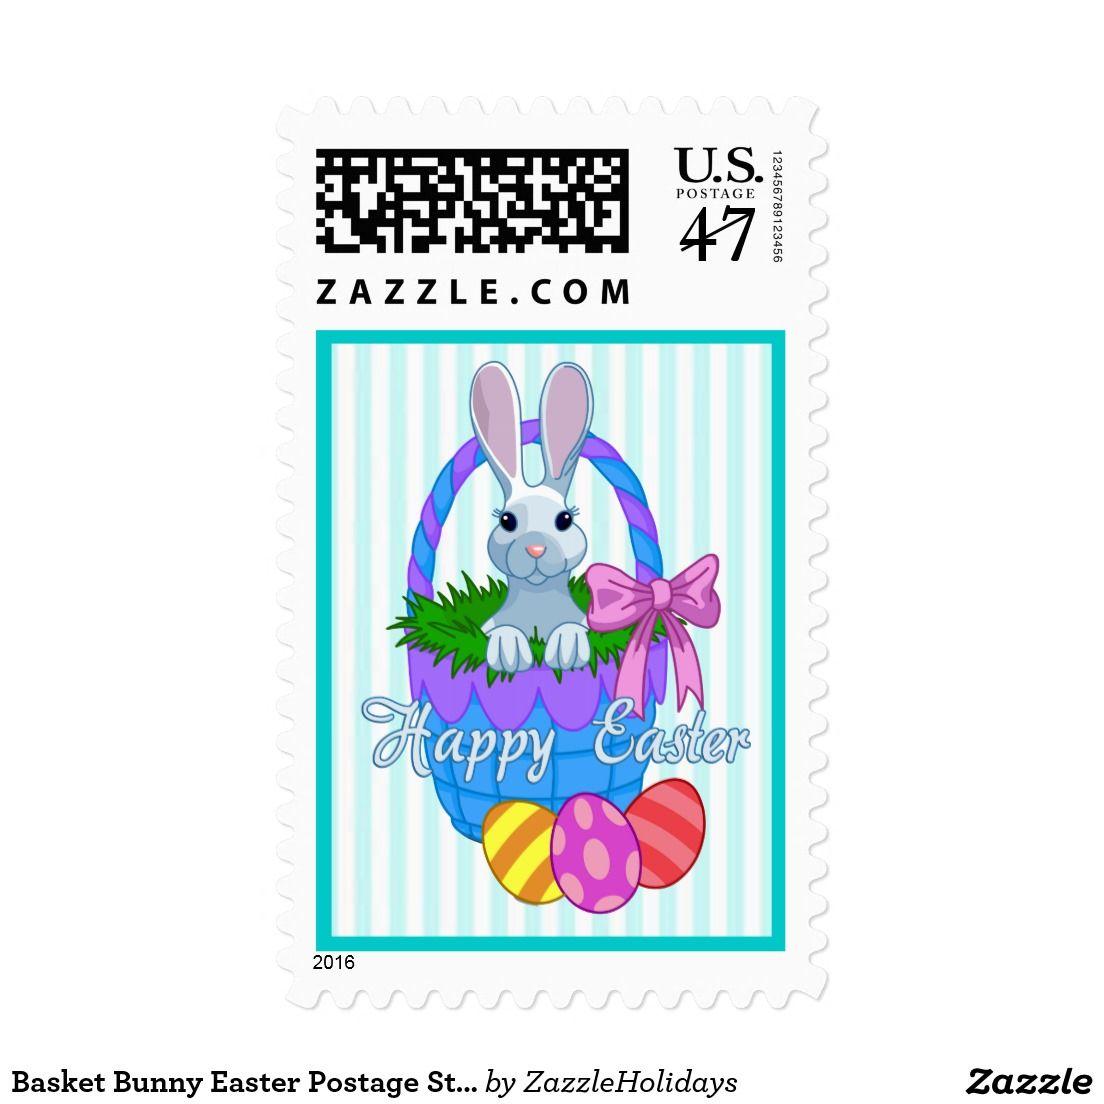 Basket Bunny Easter Postage Stamps